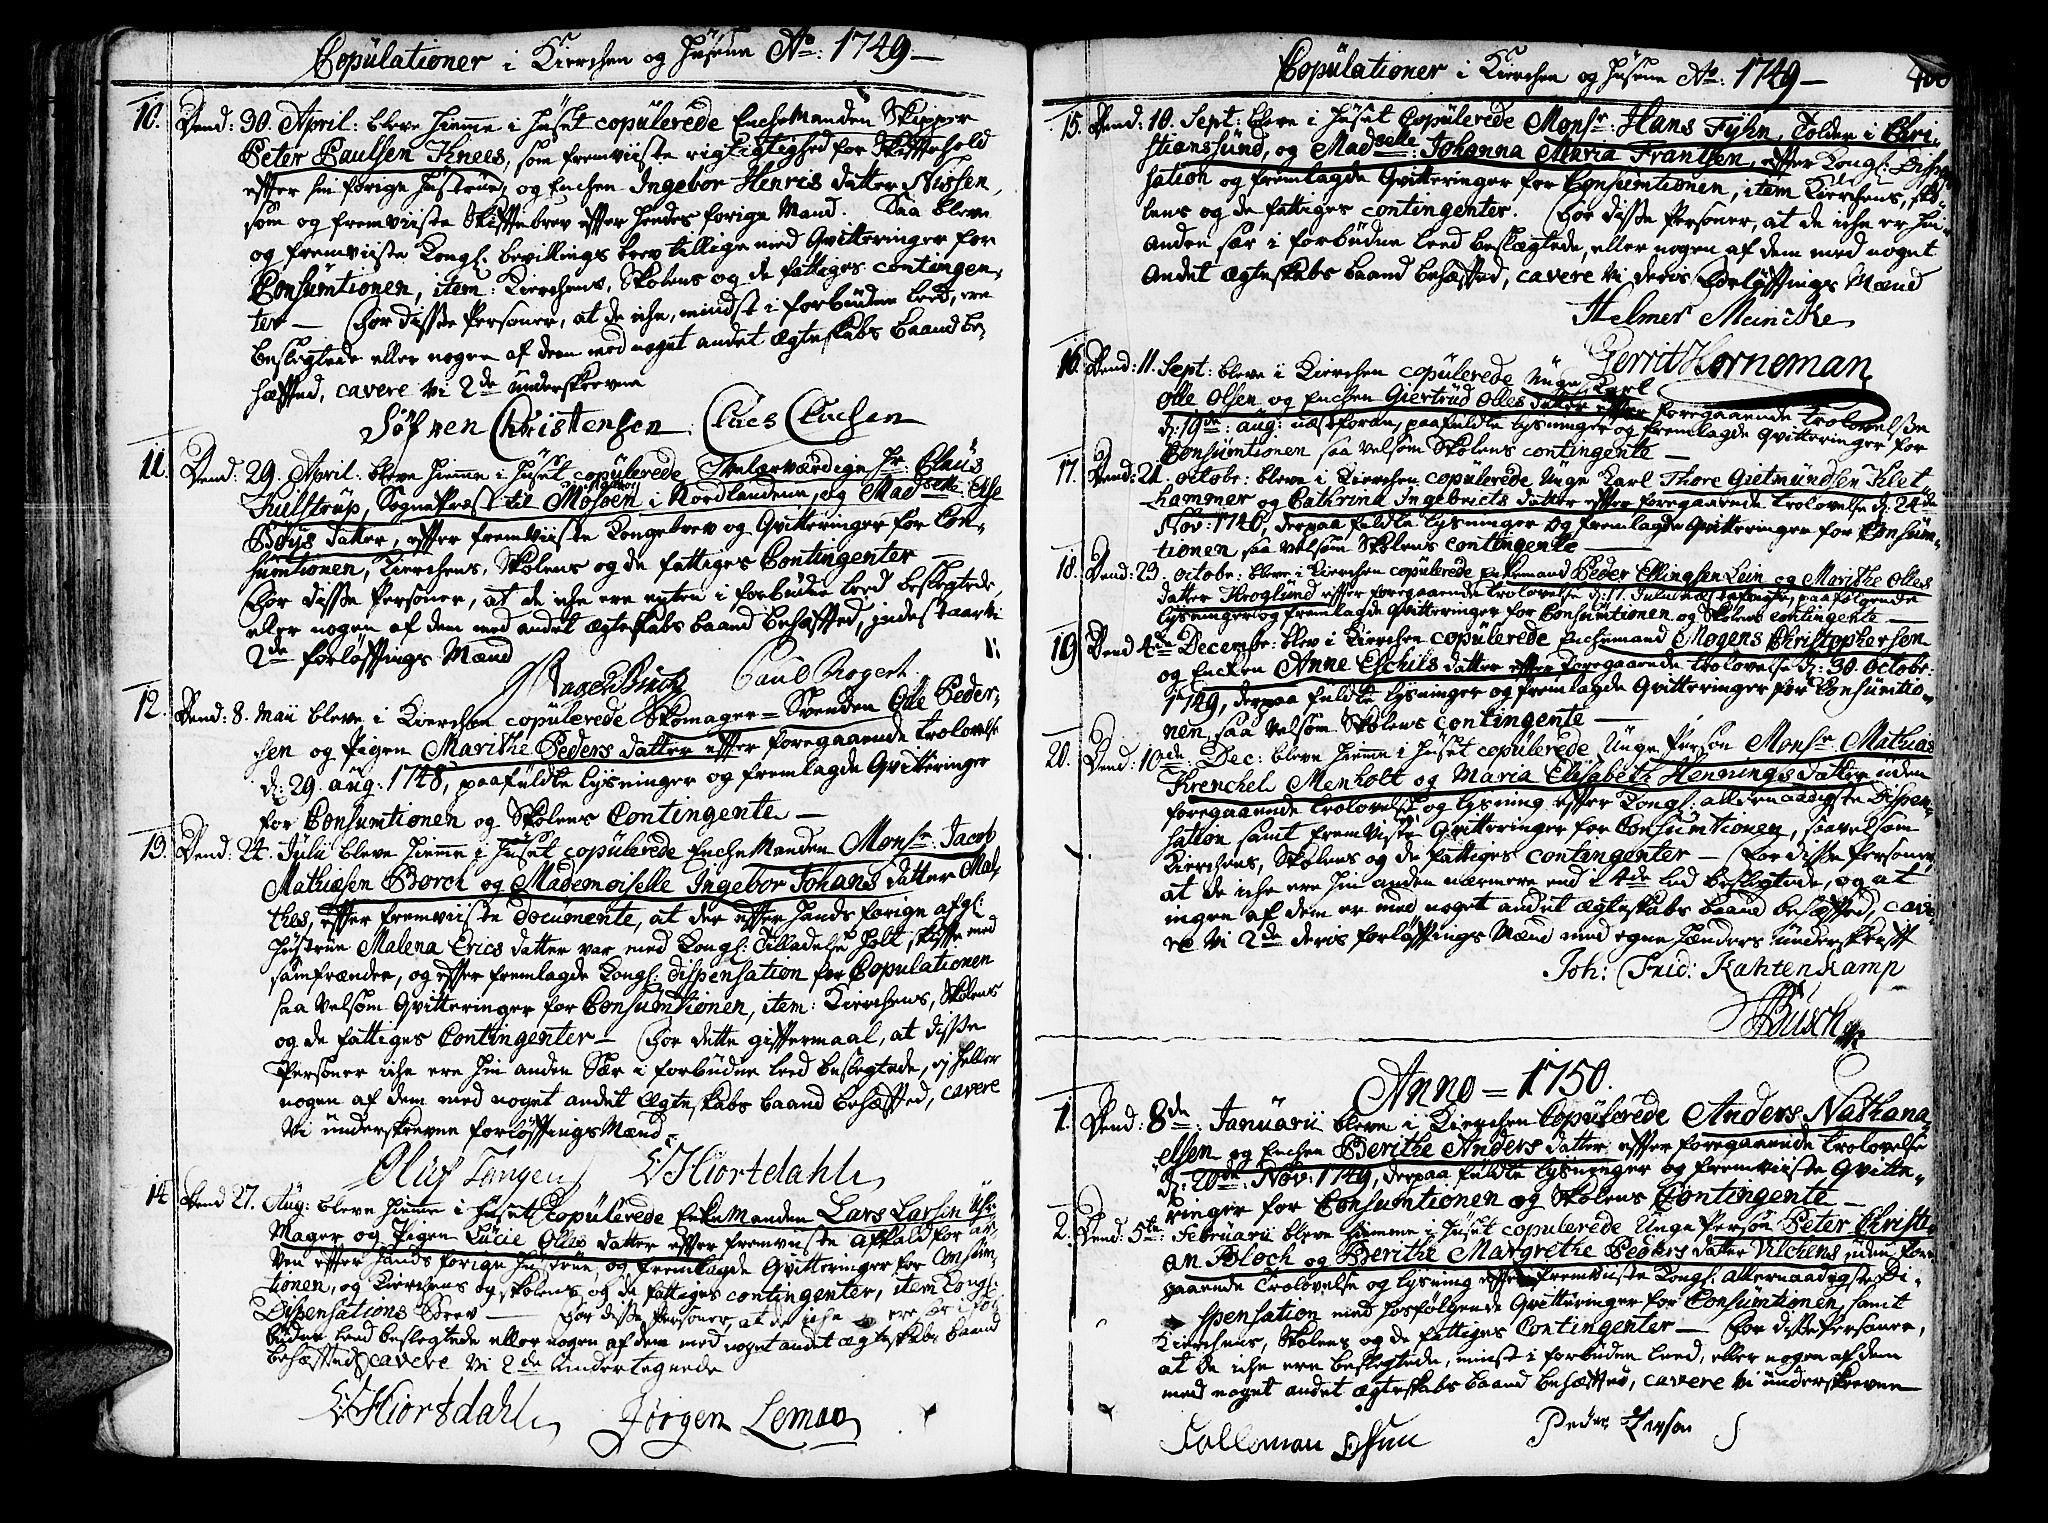 SAT, Ministerialprotokoller, klokkerbøker og fødselsregistre - Sør-Trøndelag, 602/L0103: Ministerialbok nr. 602A01, 1732-1774, s. 406